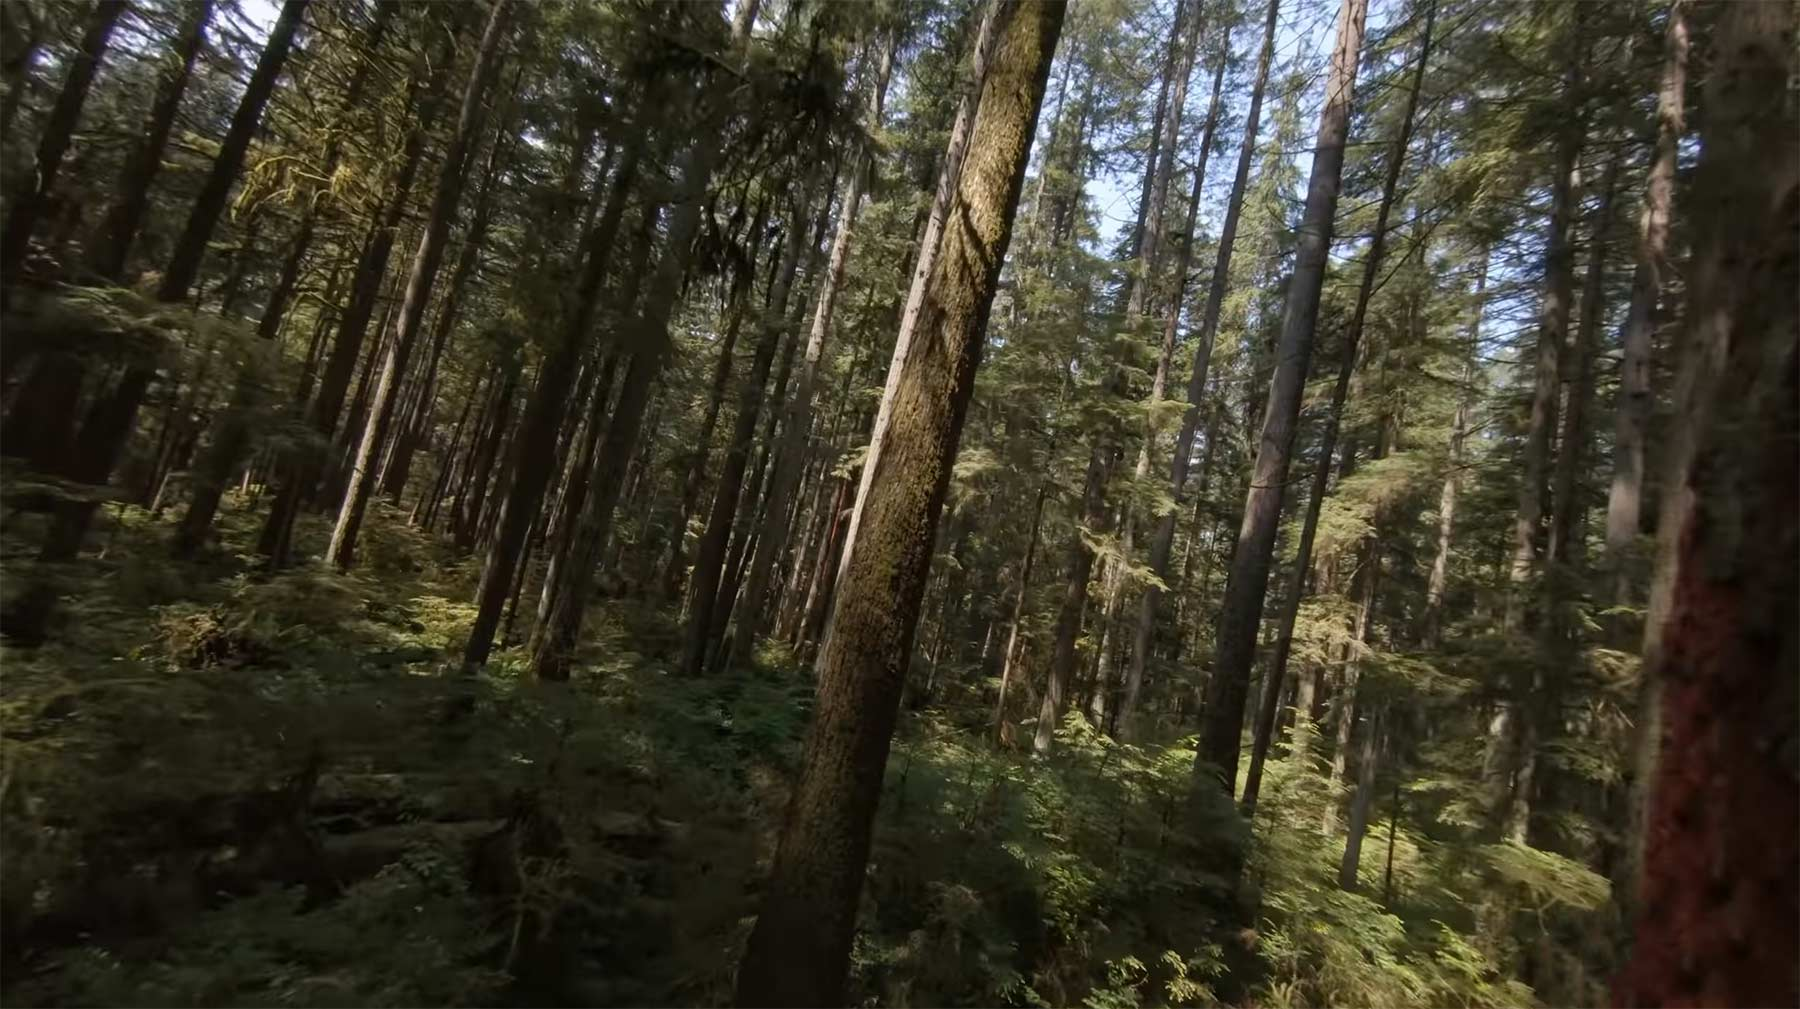 Ein entspannter Flug mit der Kameradrohne durch den Wald mit-der-kameradrohne-durch-den-wald